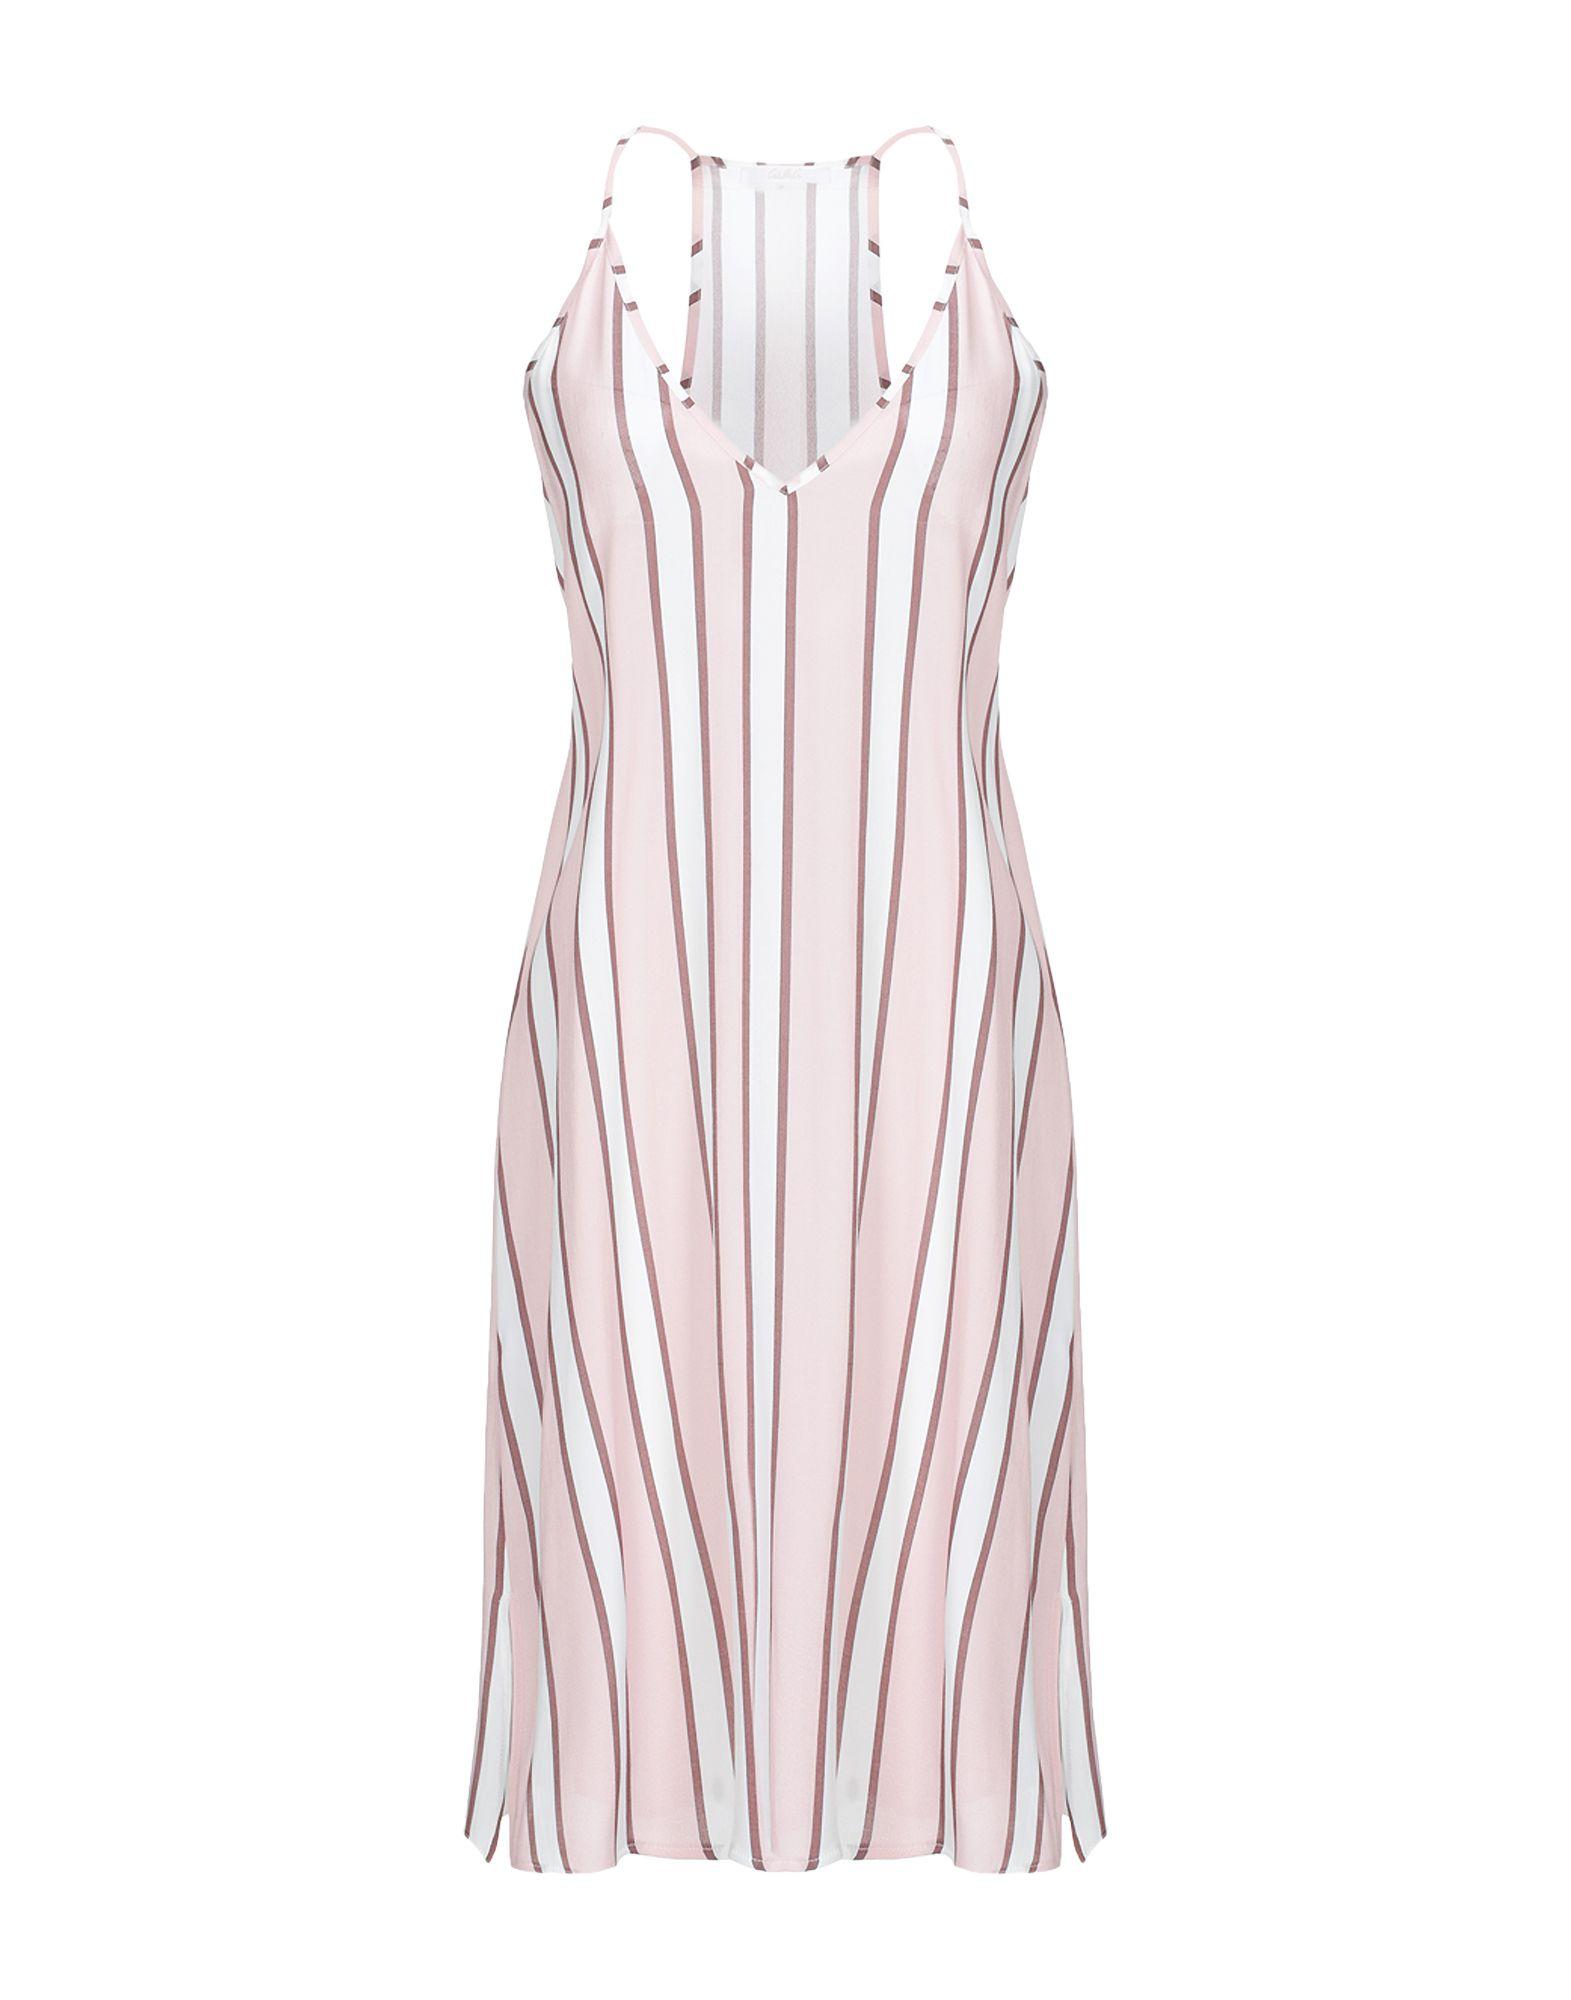 CARLA G. Короткое платье летом 2015 новый суд европы печати тонкая талия ретро платье без рукавов жилет юбка в конце детей